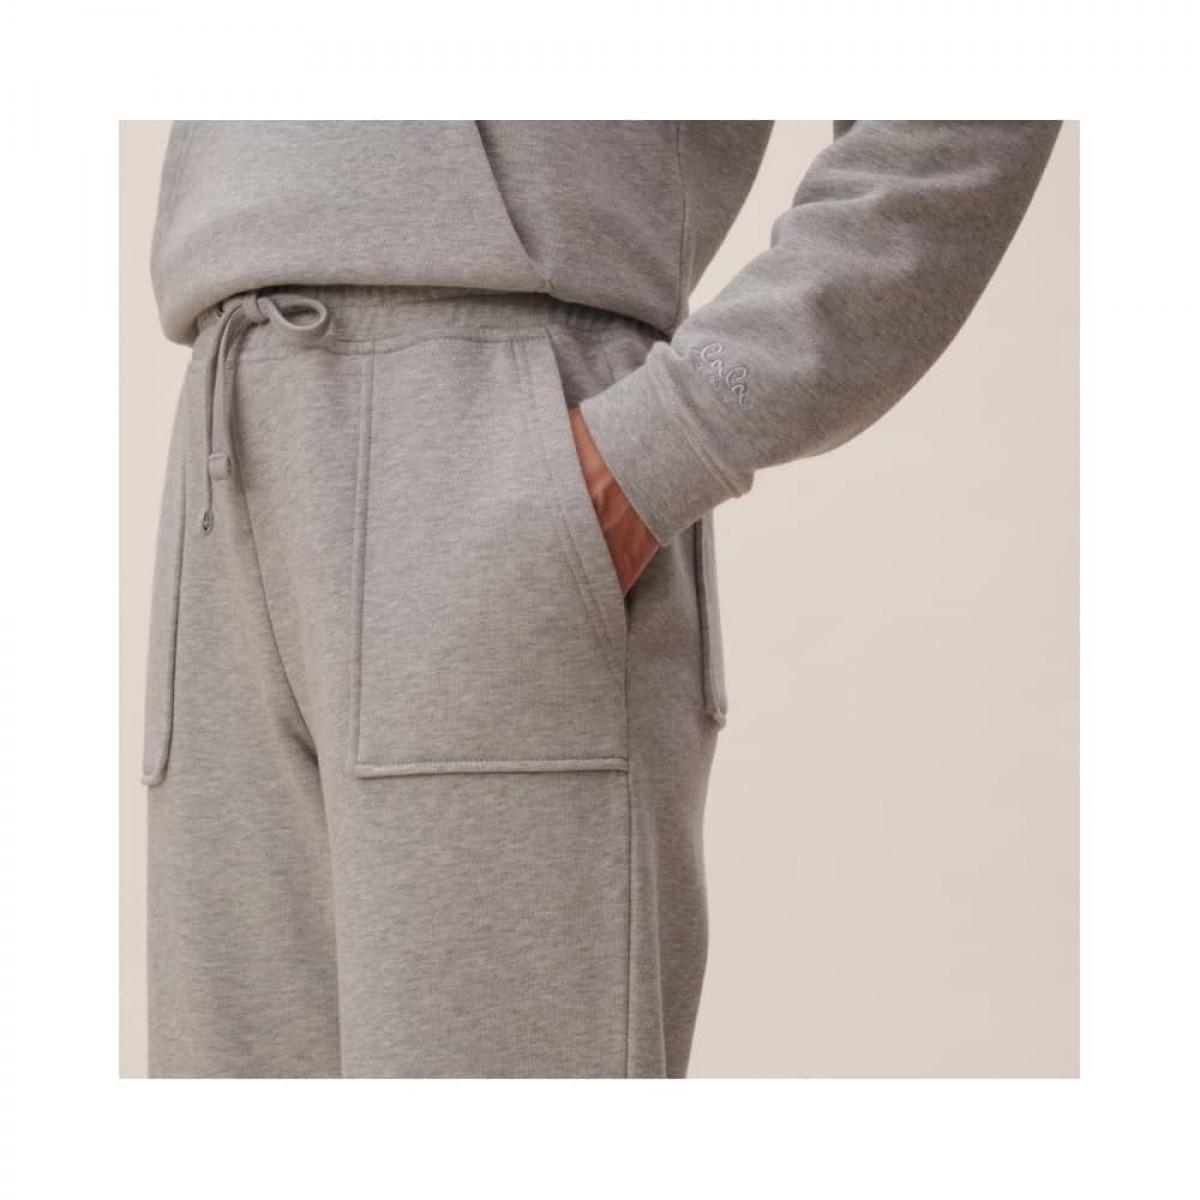 phine sweatpants - grey melange - model lomme